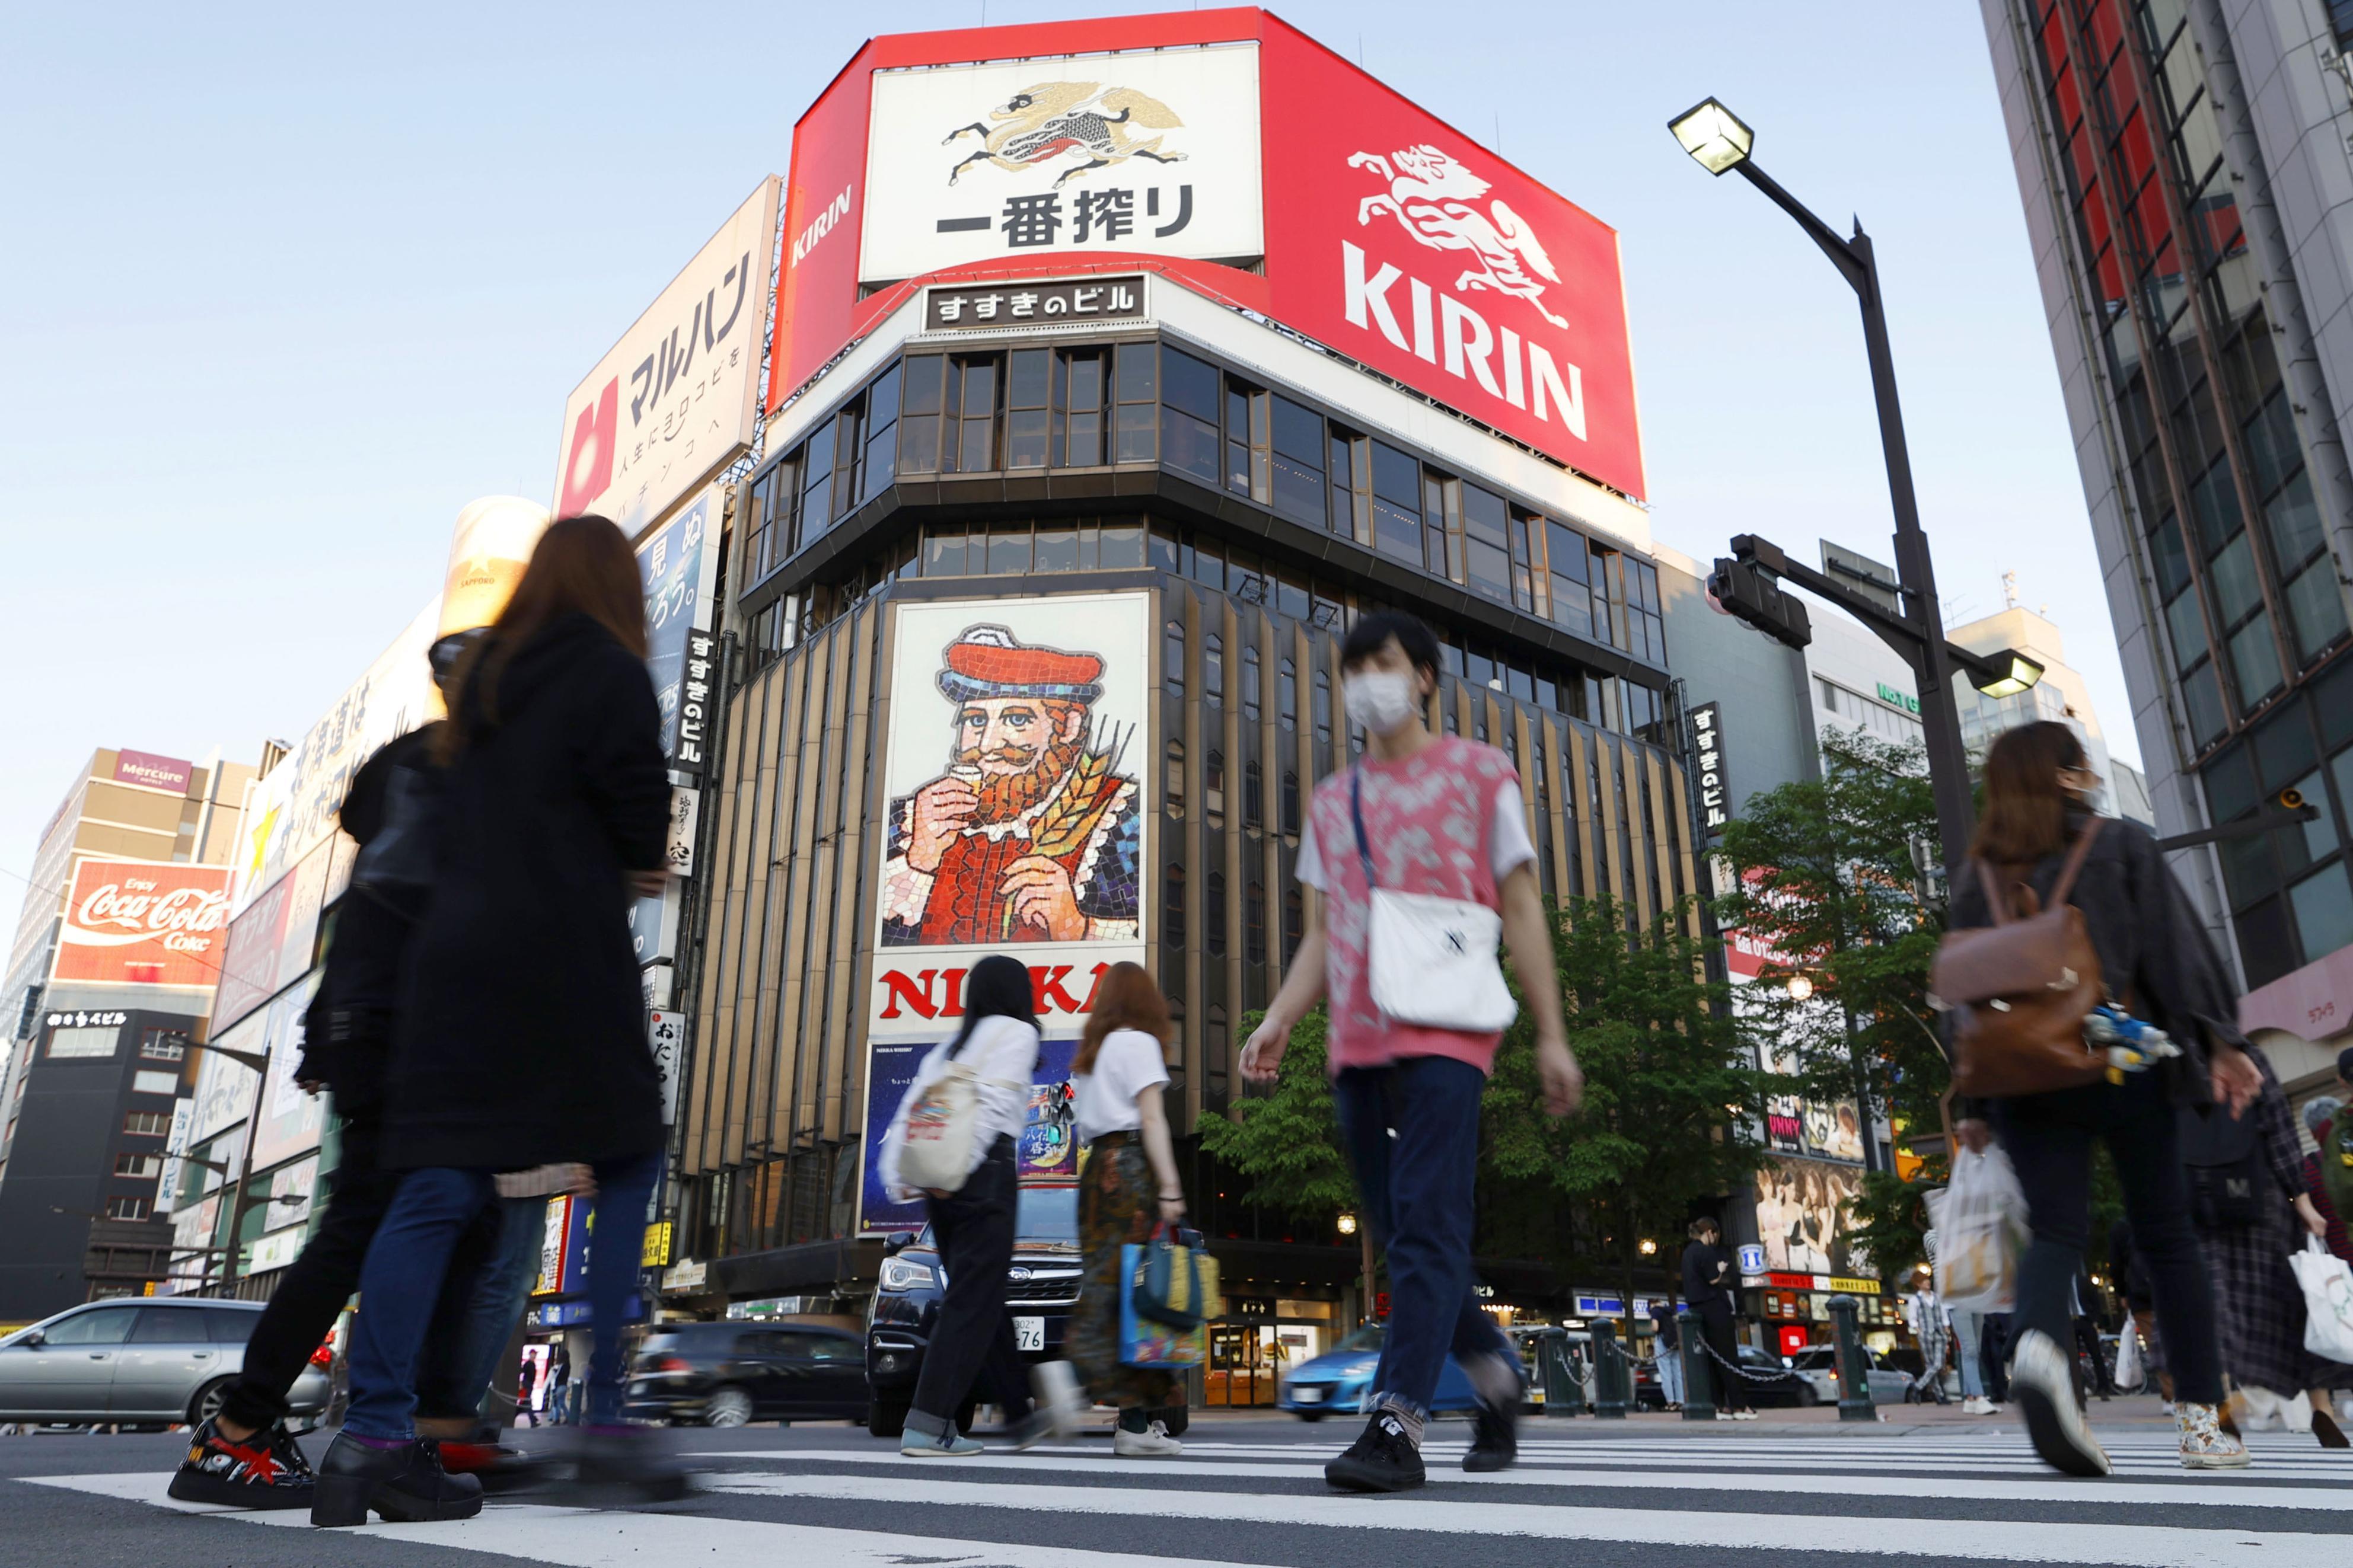 緊急事態宣言が解除されてから最初の週末を迎えた札幌市の繁華街・ススキノを歩く人たち=30日夕